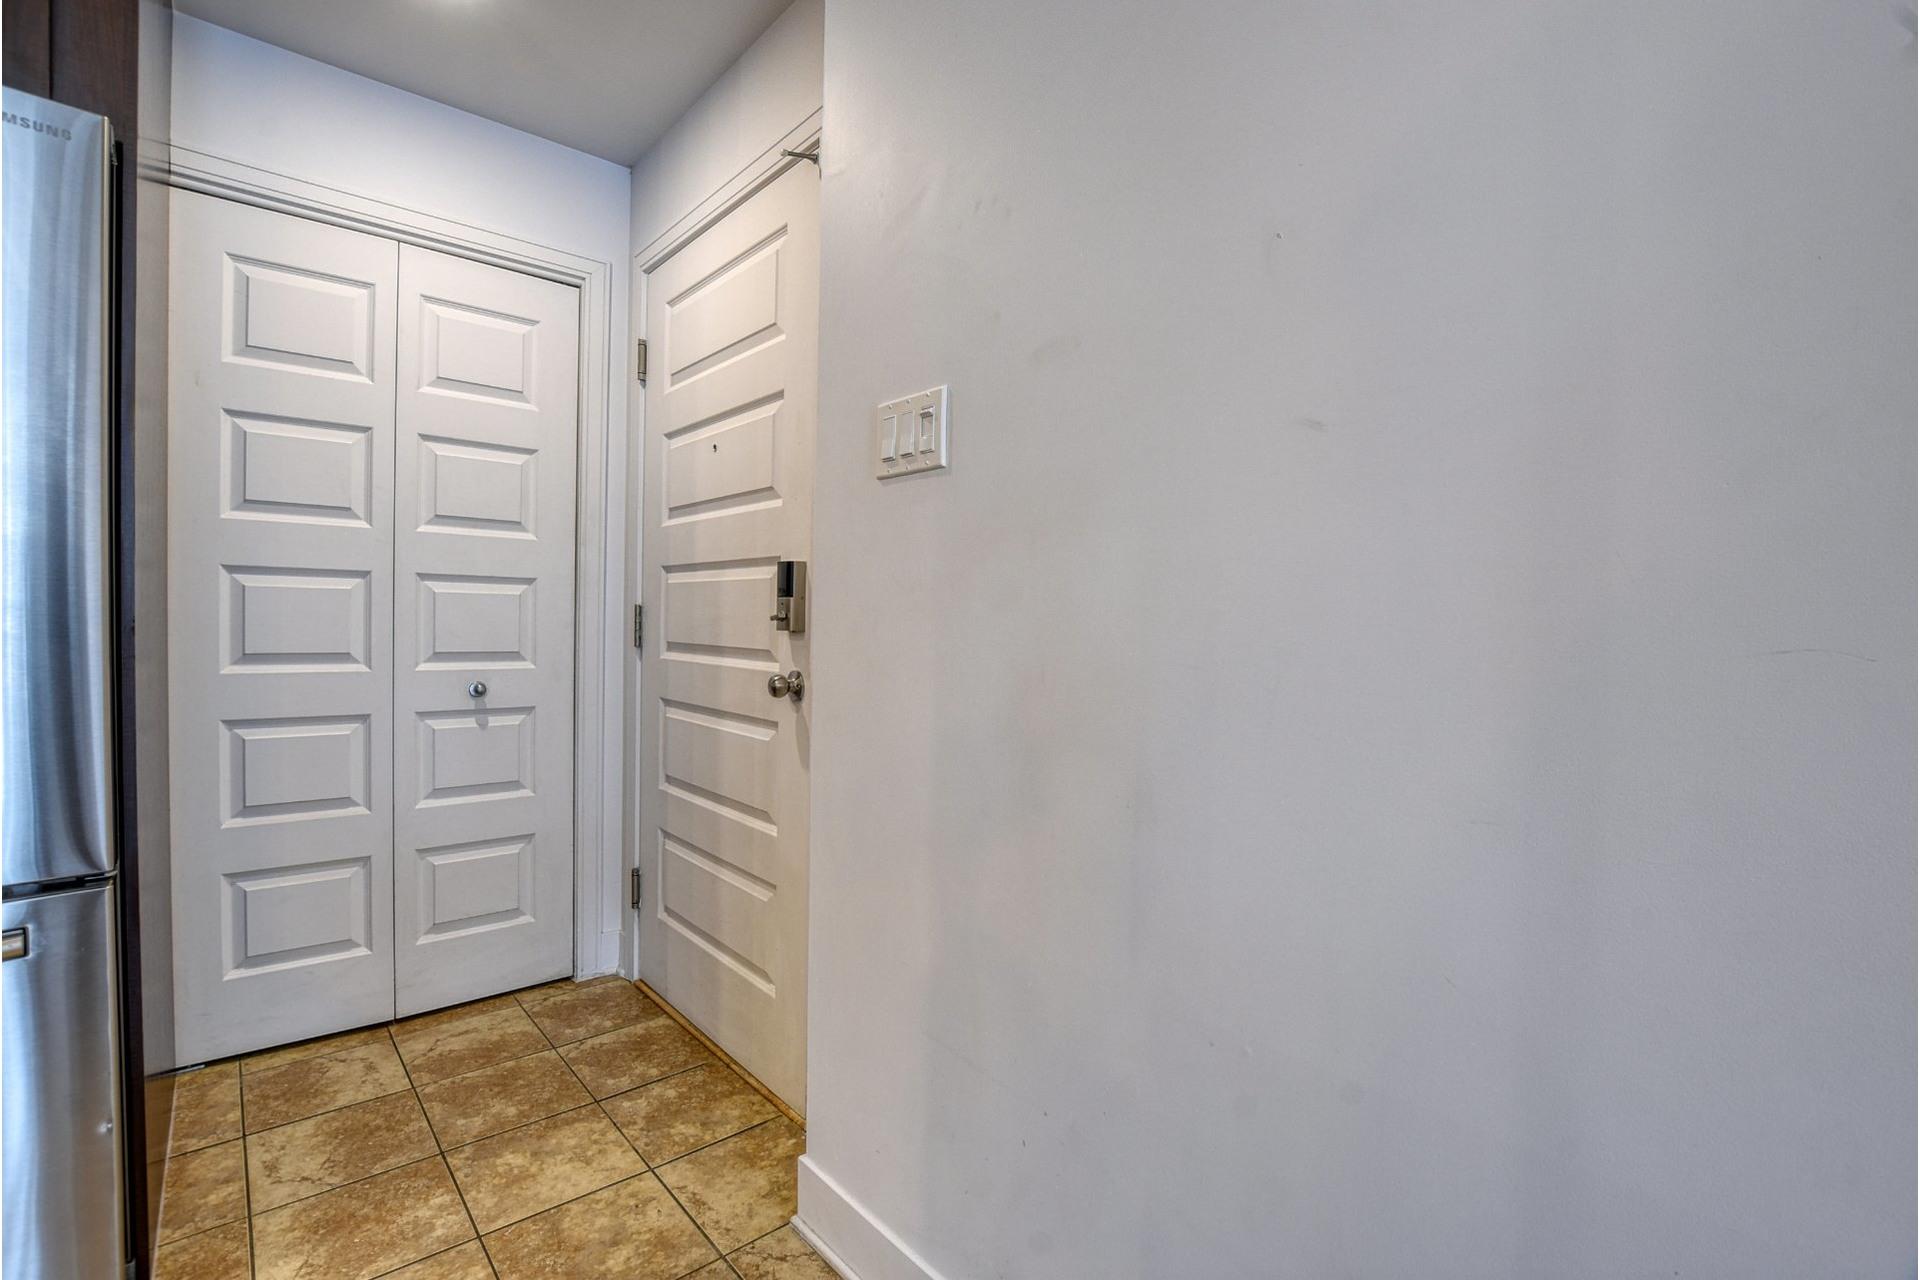 image 15 - Apartment For sale Ahuntsic-Cartierville Montréal  - 4 rooms